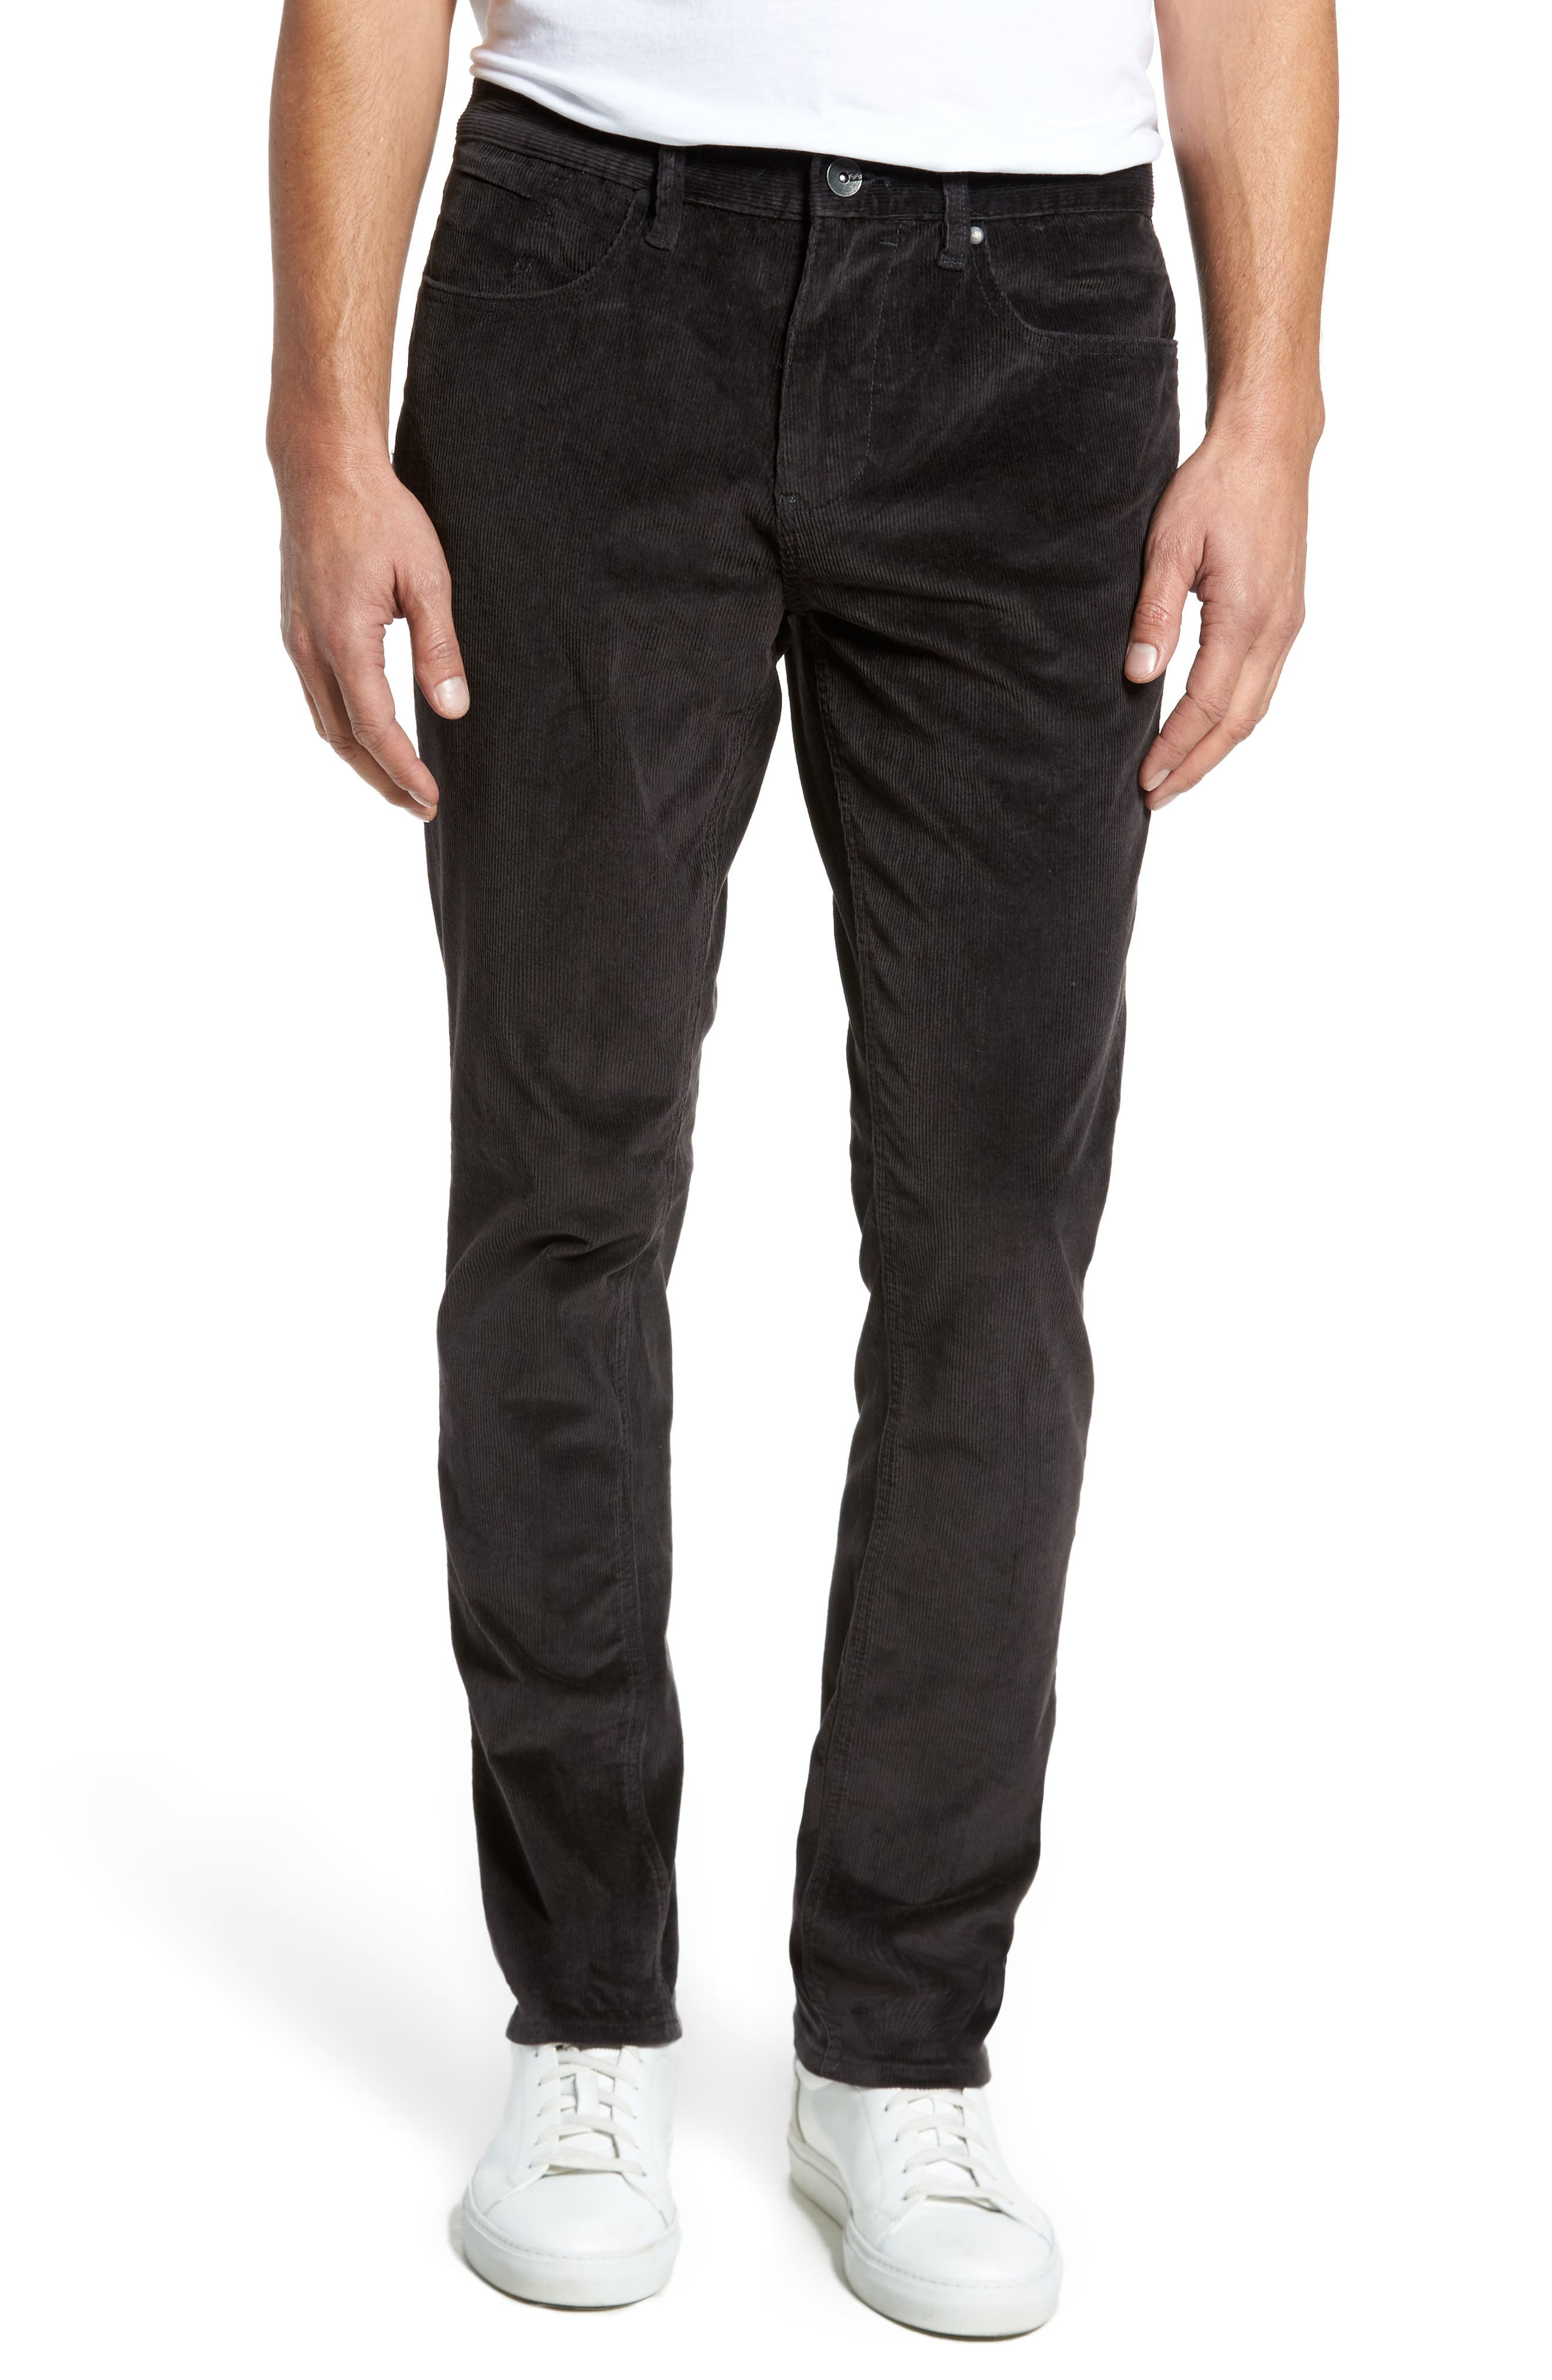 Outsider Corduroy Pants,                             Main thumbnail 1, color,                             Charcoal